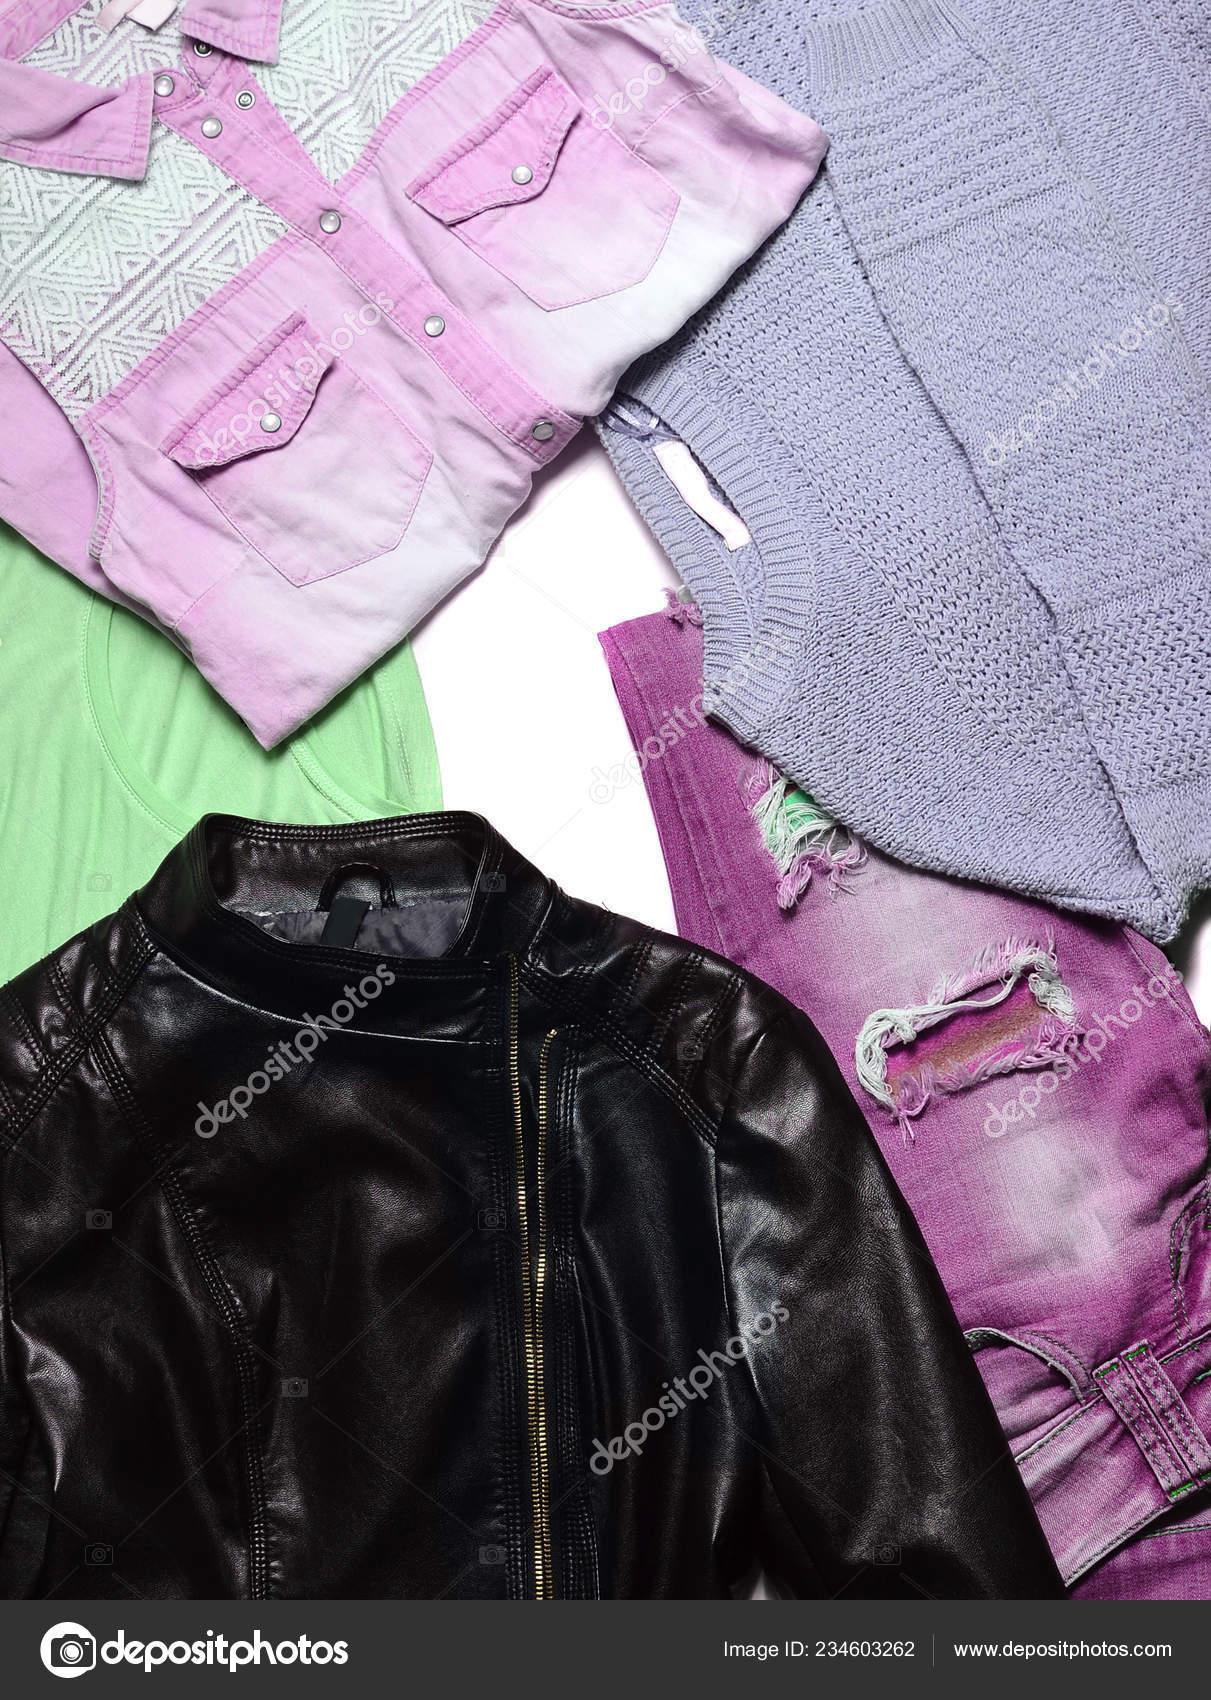 32661b4c2 Coloridos feminina roupas e acessórios em um fundo branco. Roupas da moda  2018-2019. Cores brilhantes de tendência. Vista superior.